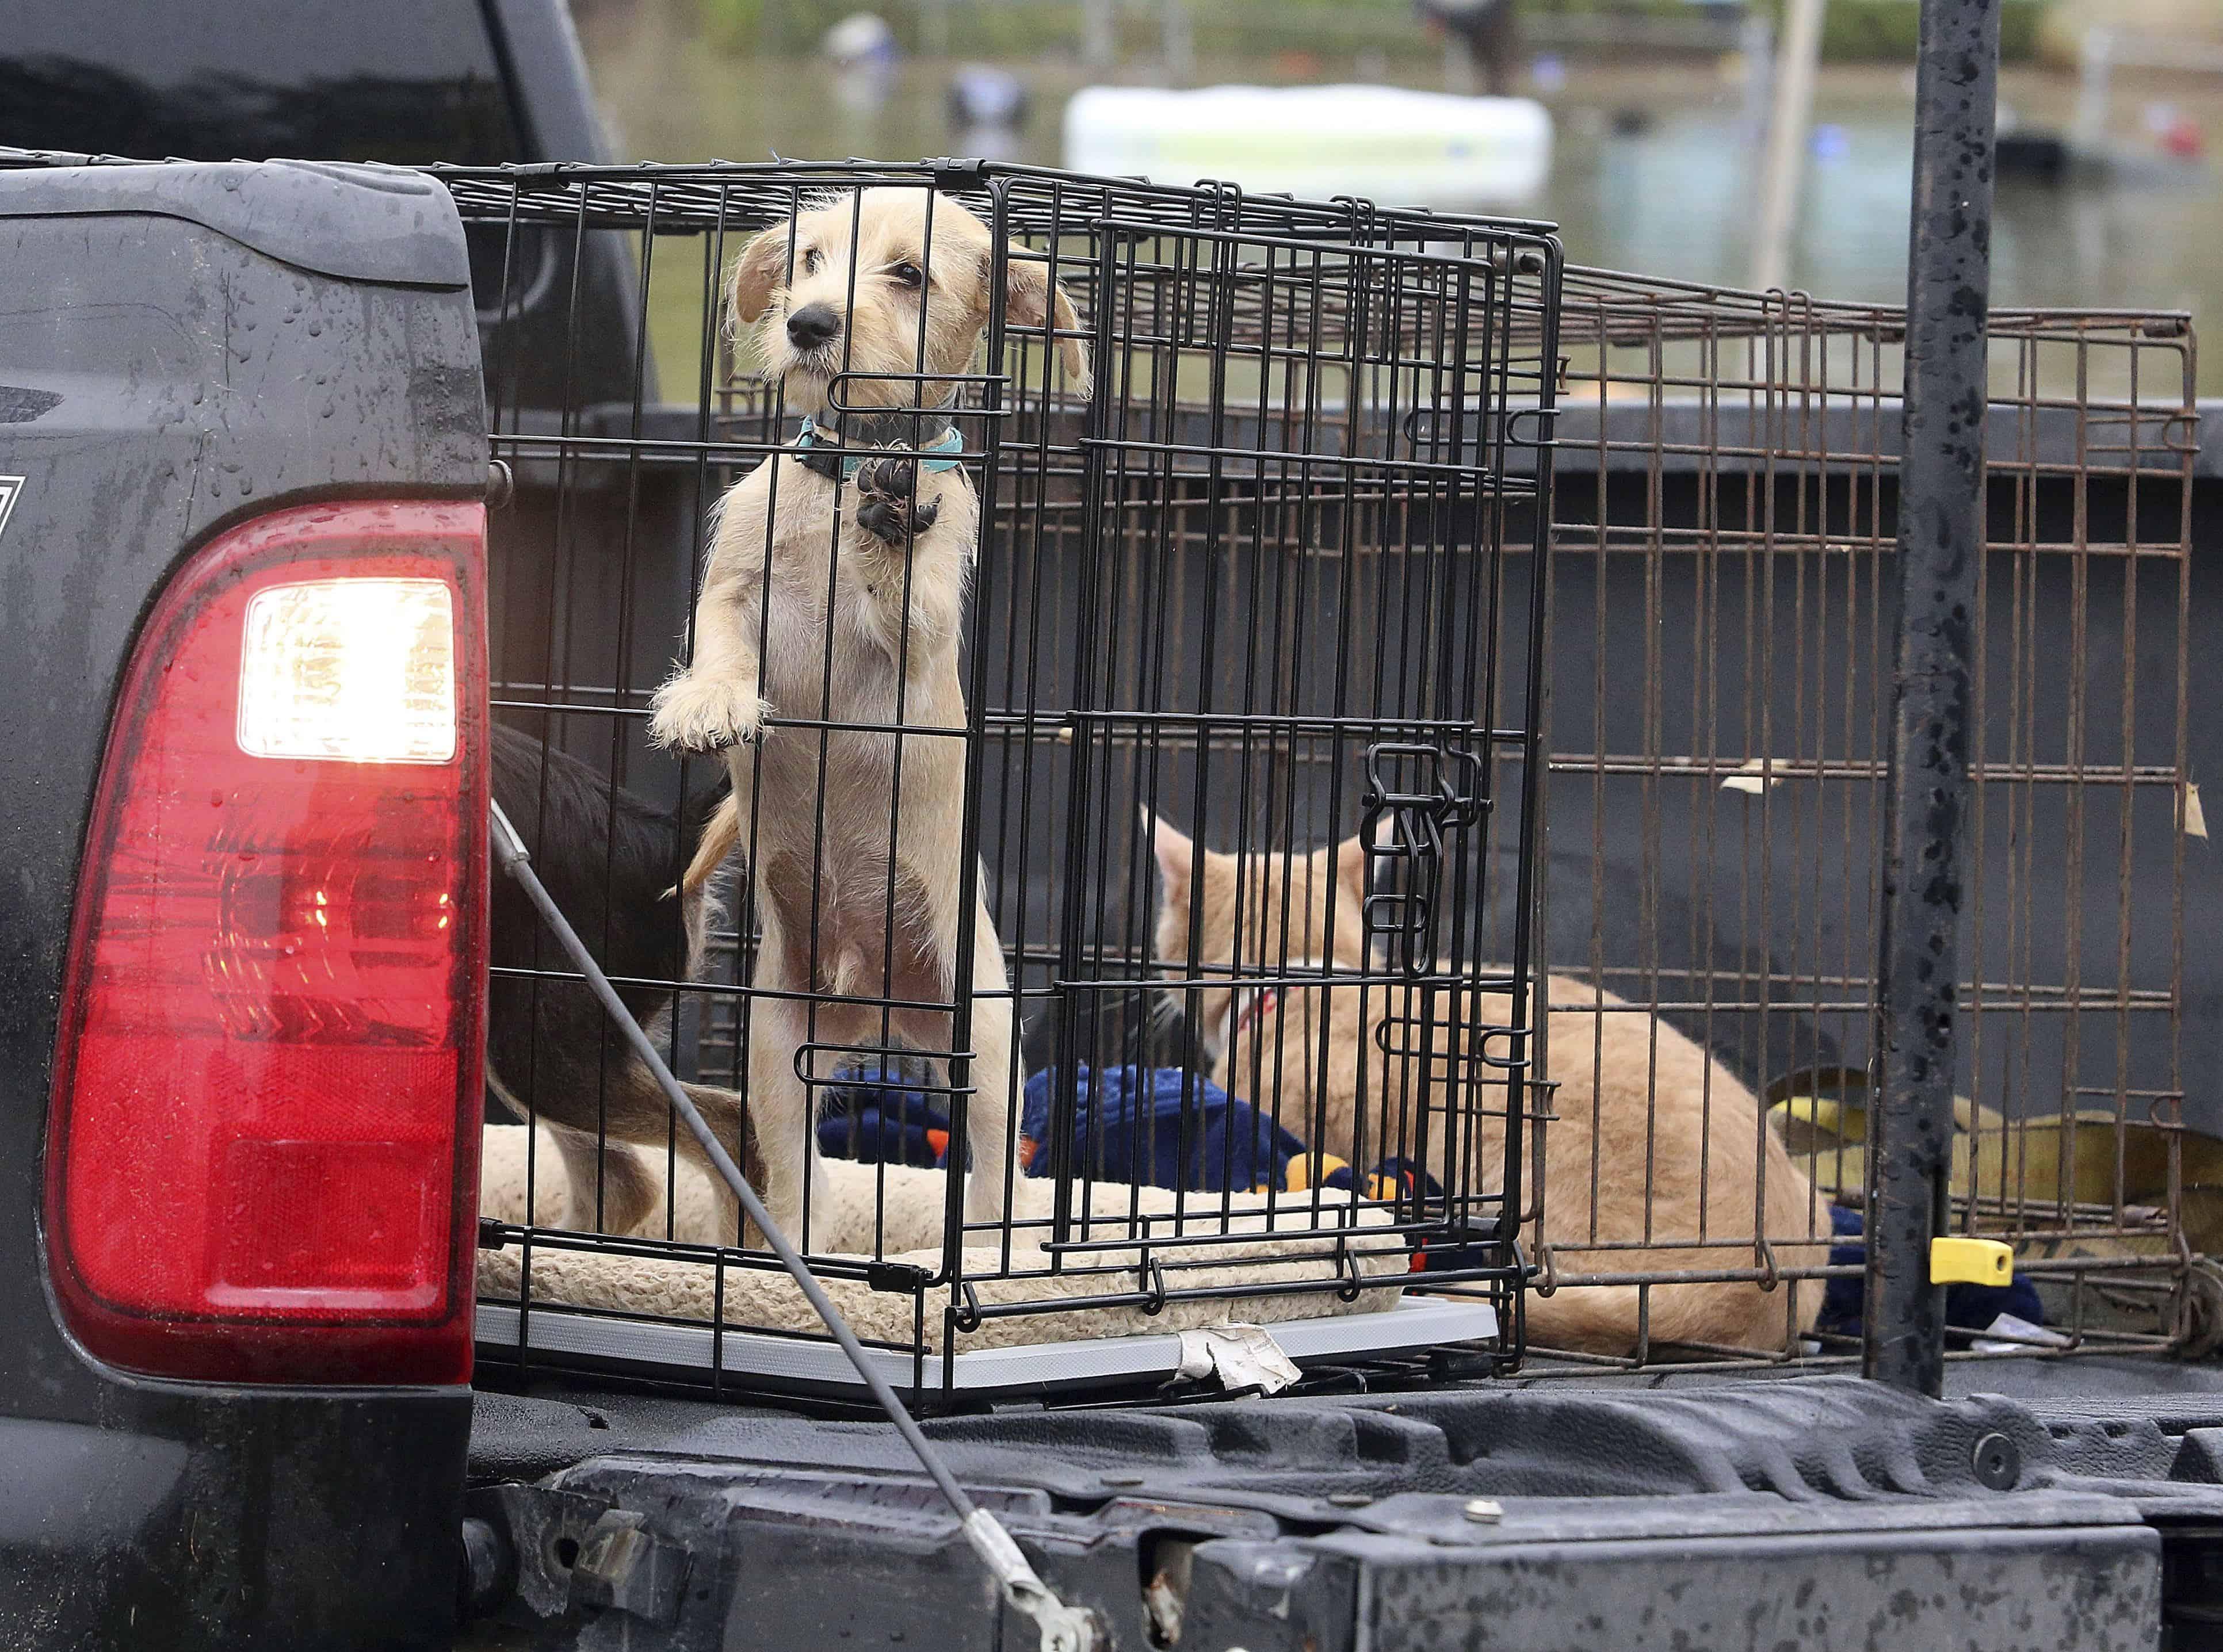 Albertados. Los animales rescatados se sientan en la parte trasera de un camión tras la inundación de sus hogares.